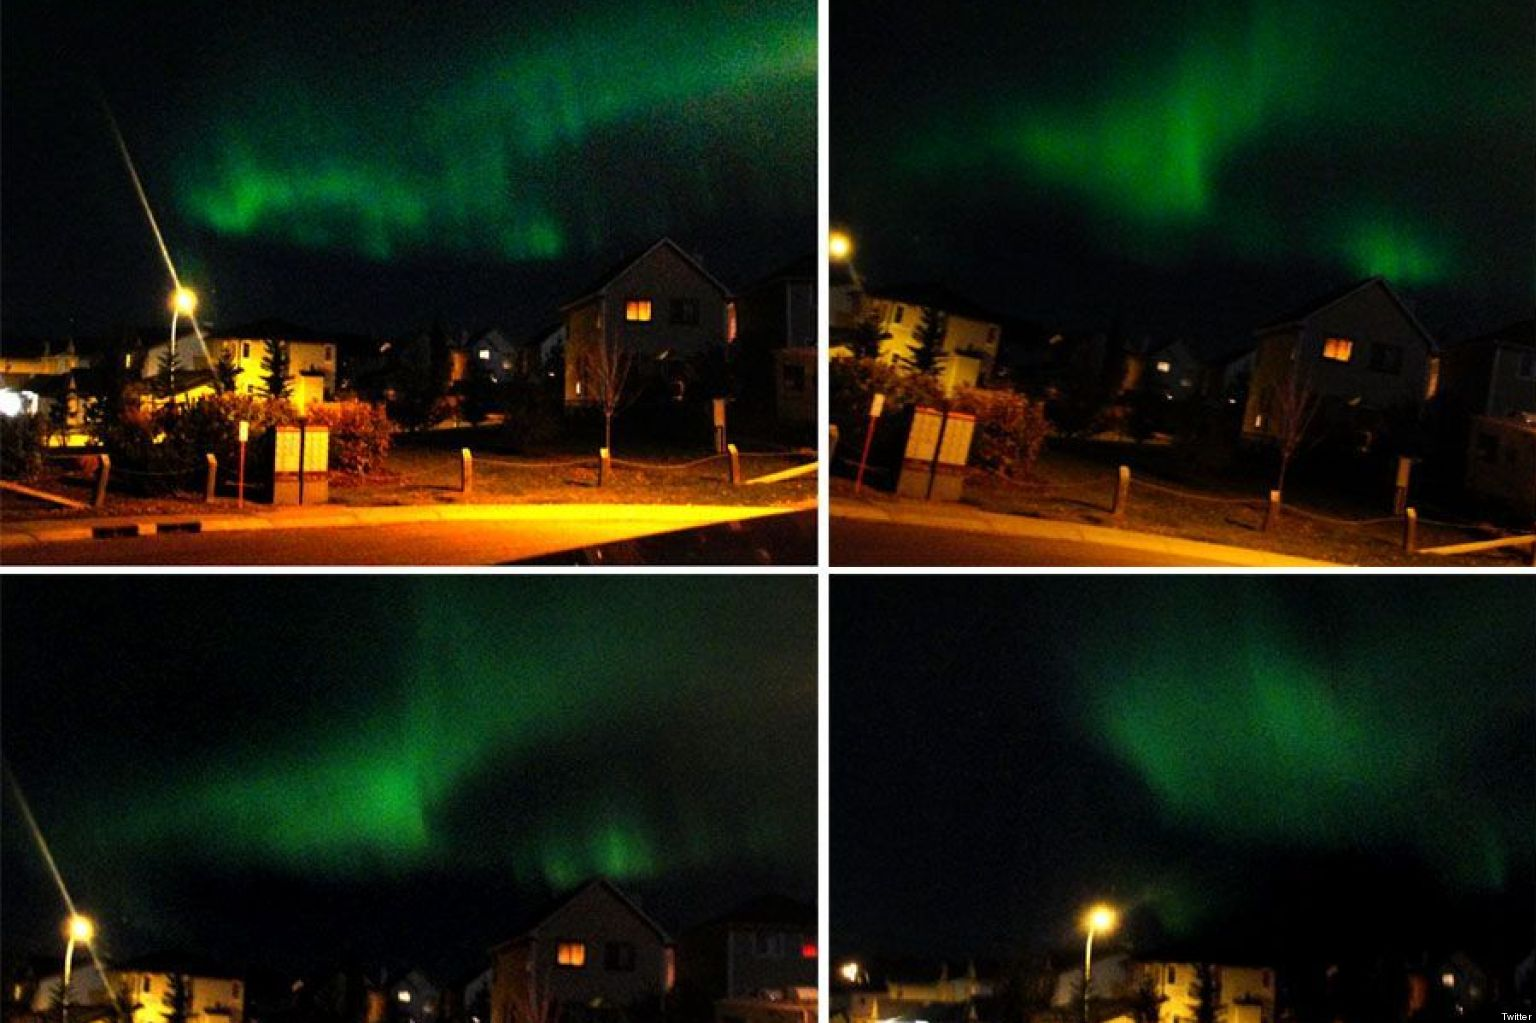 Northern lights over calgary dancing aurora borealis put on stunning